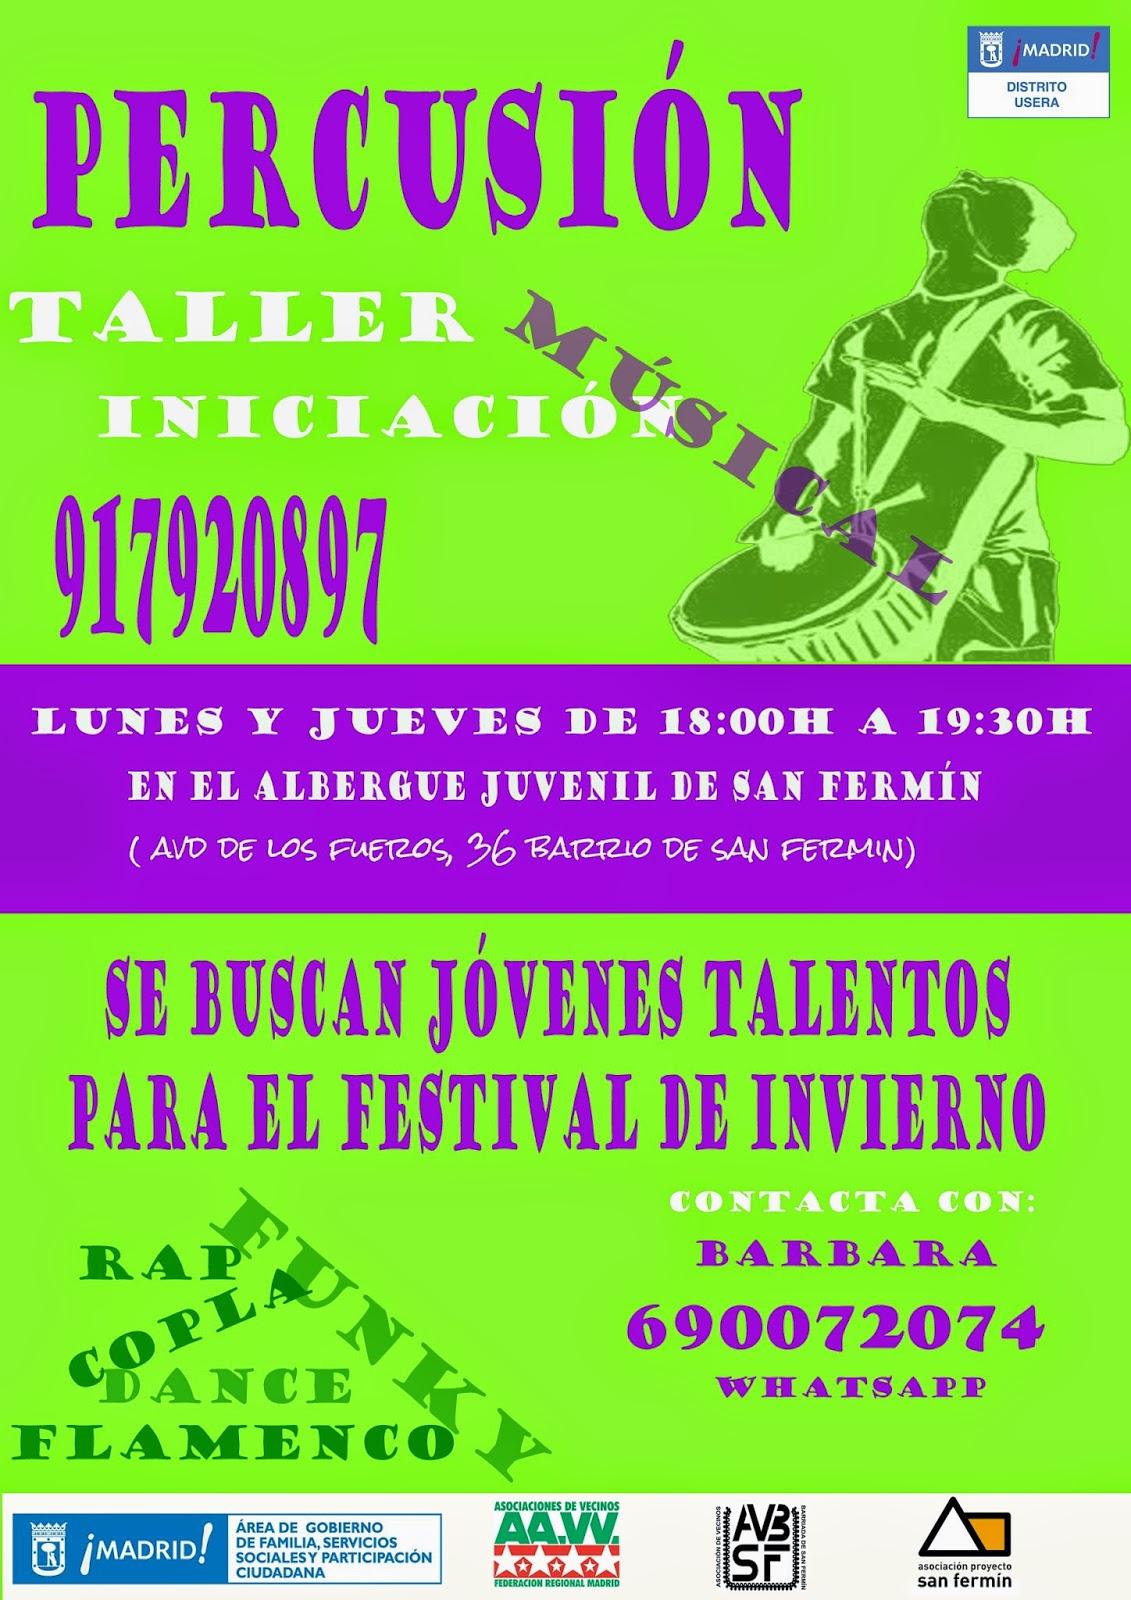 AAVV San Fermín - Taller de Percusión